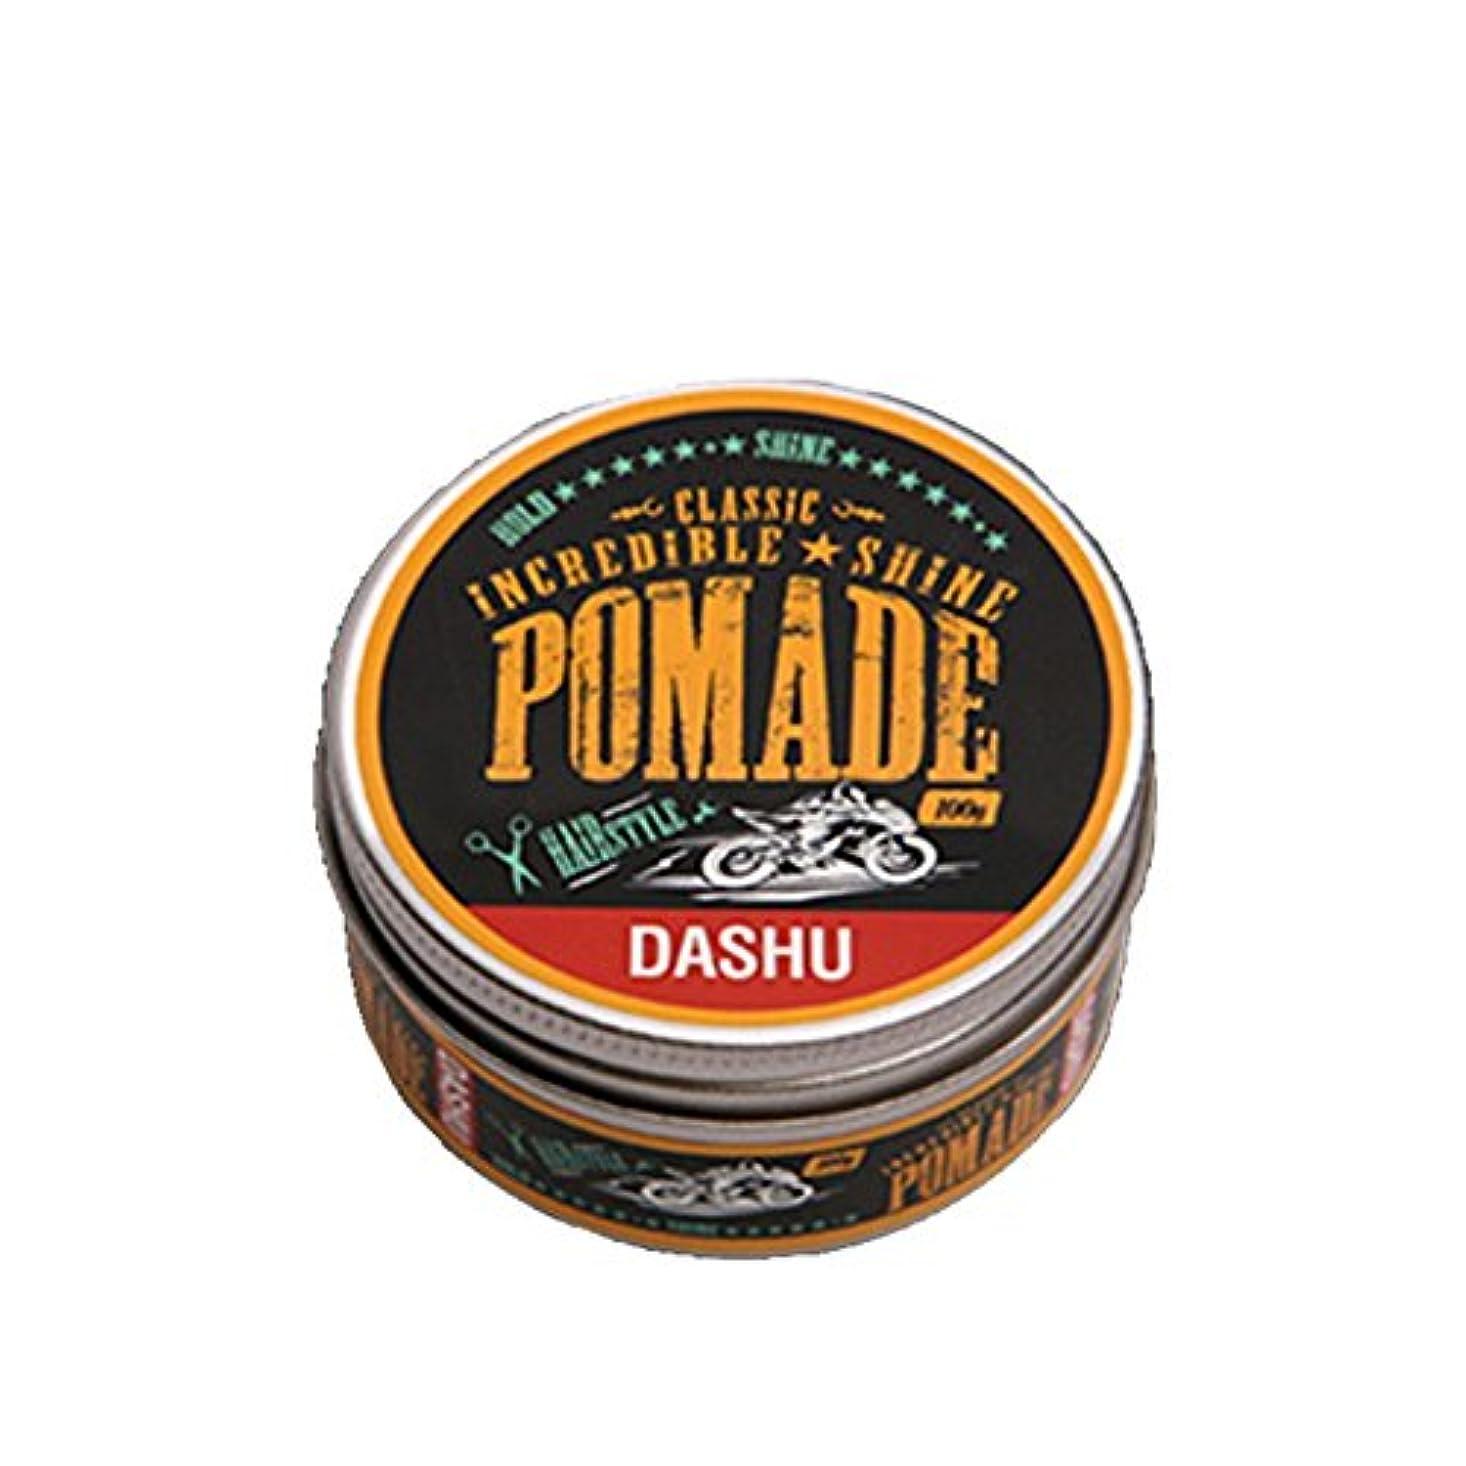 一流基本的な腹部[DASHU] ダシュ クラシック 信じられないほどの輝き ポマードワックス Classic Incredible Shine Pomade Hair Wax 100ml / 韓国製 . 韓国直送品